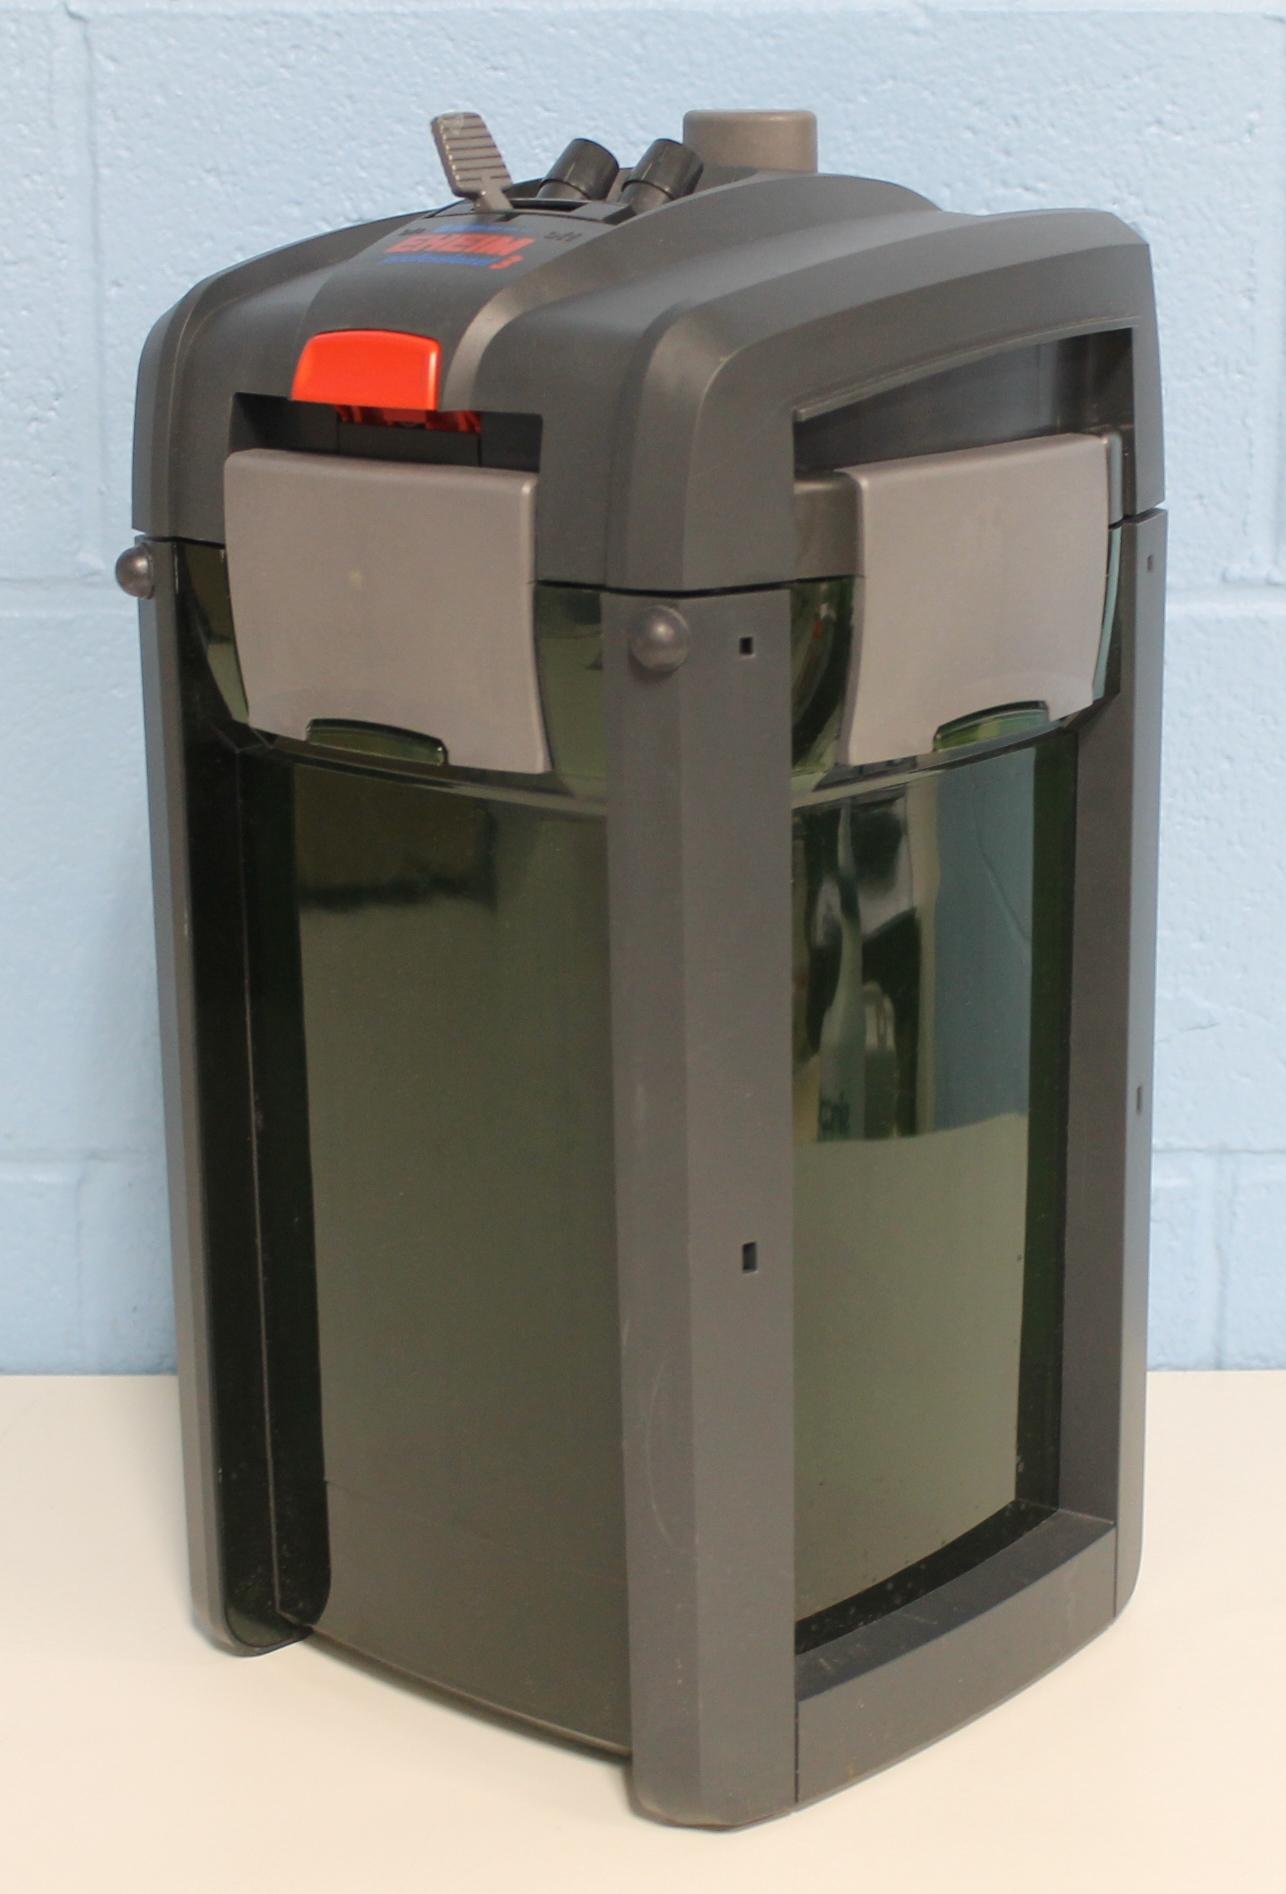 refurbished eheim professional 3 canister filter type 2075. Black Bedroom Furniture Sets. Home Design Ideas